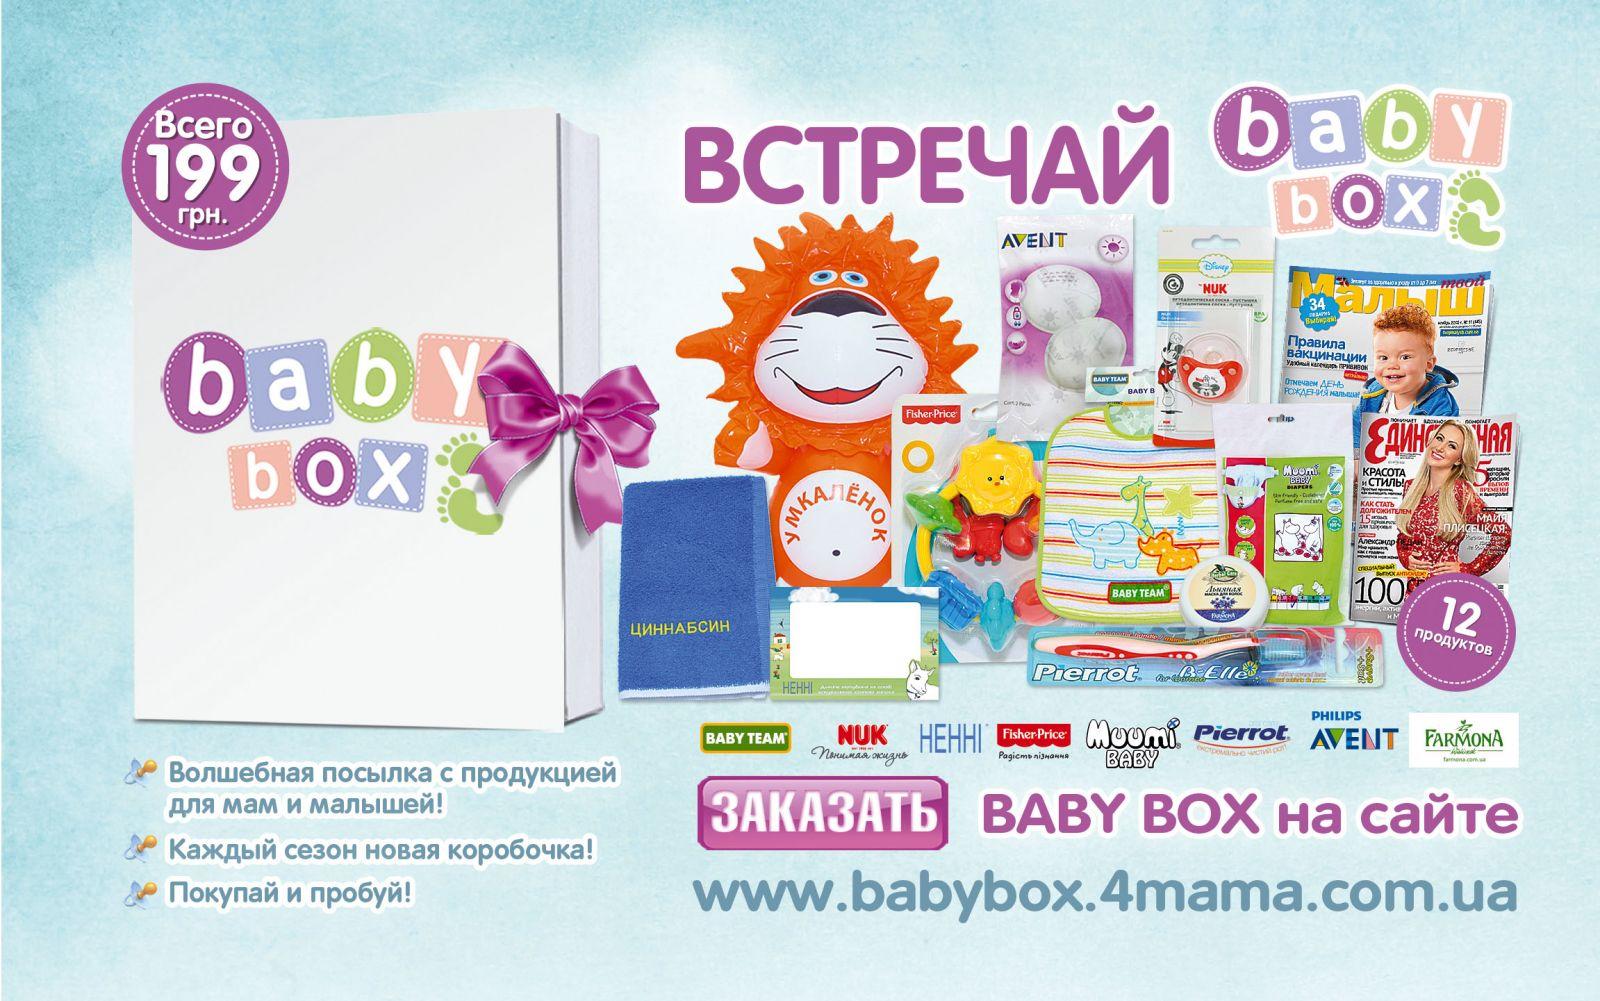 Маме в помощь: новая коробочка Baby Box - где взять и что внутри